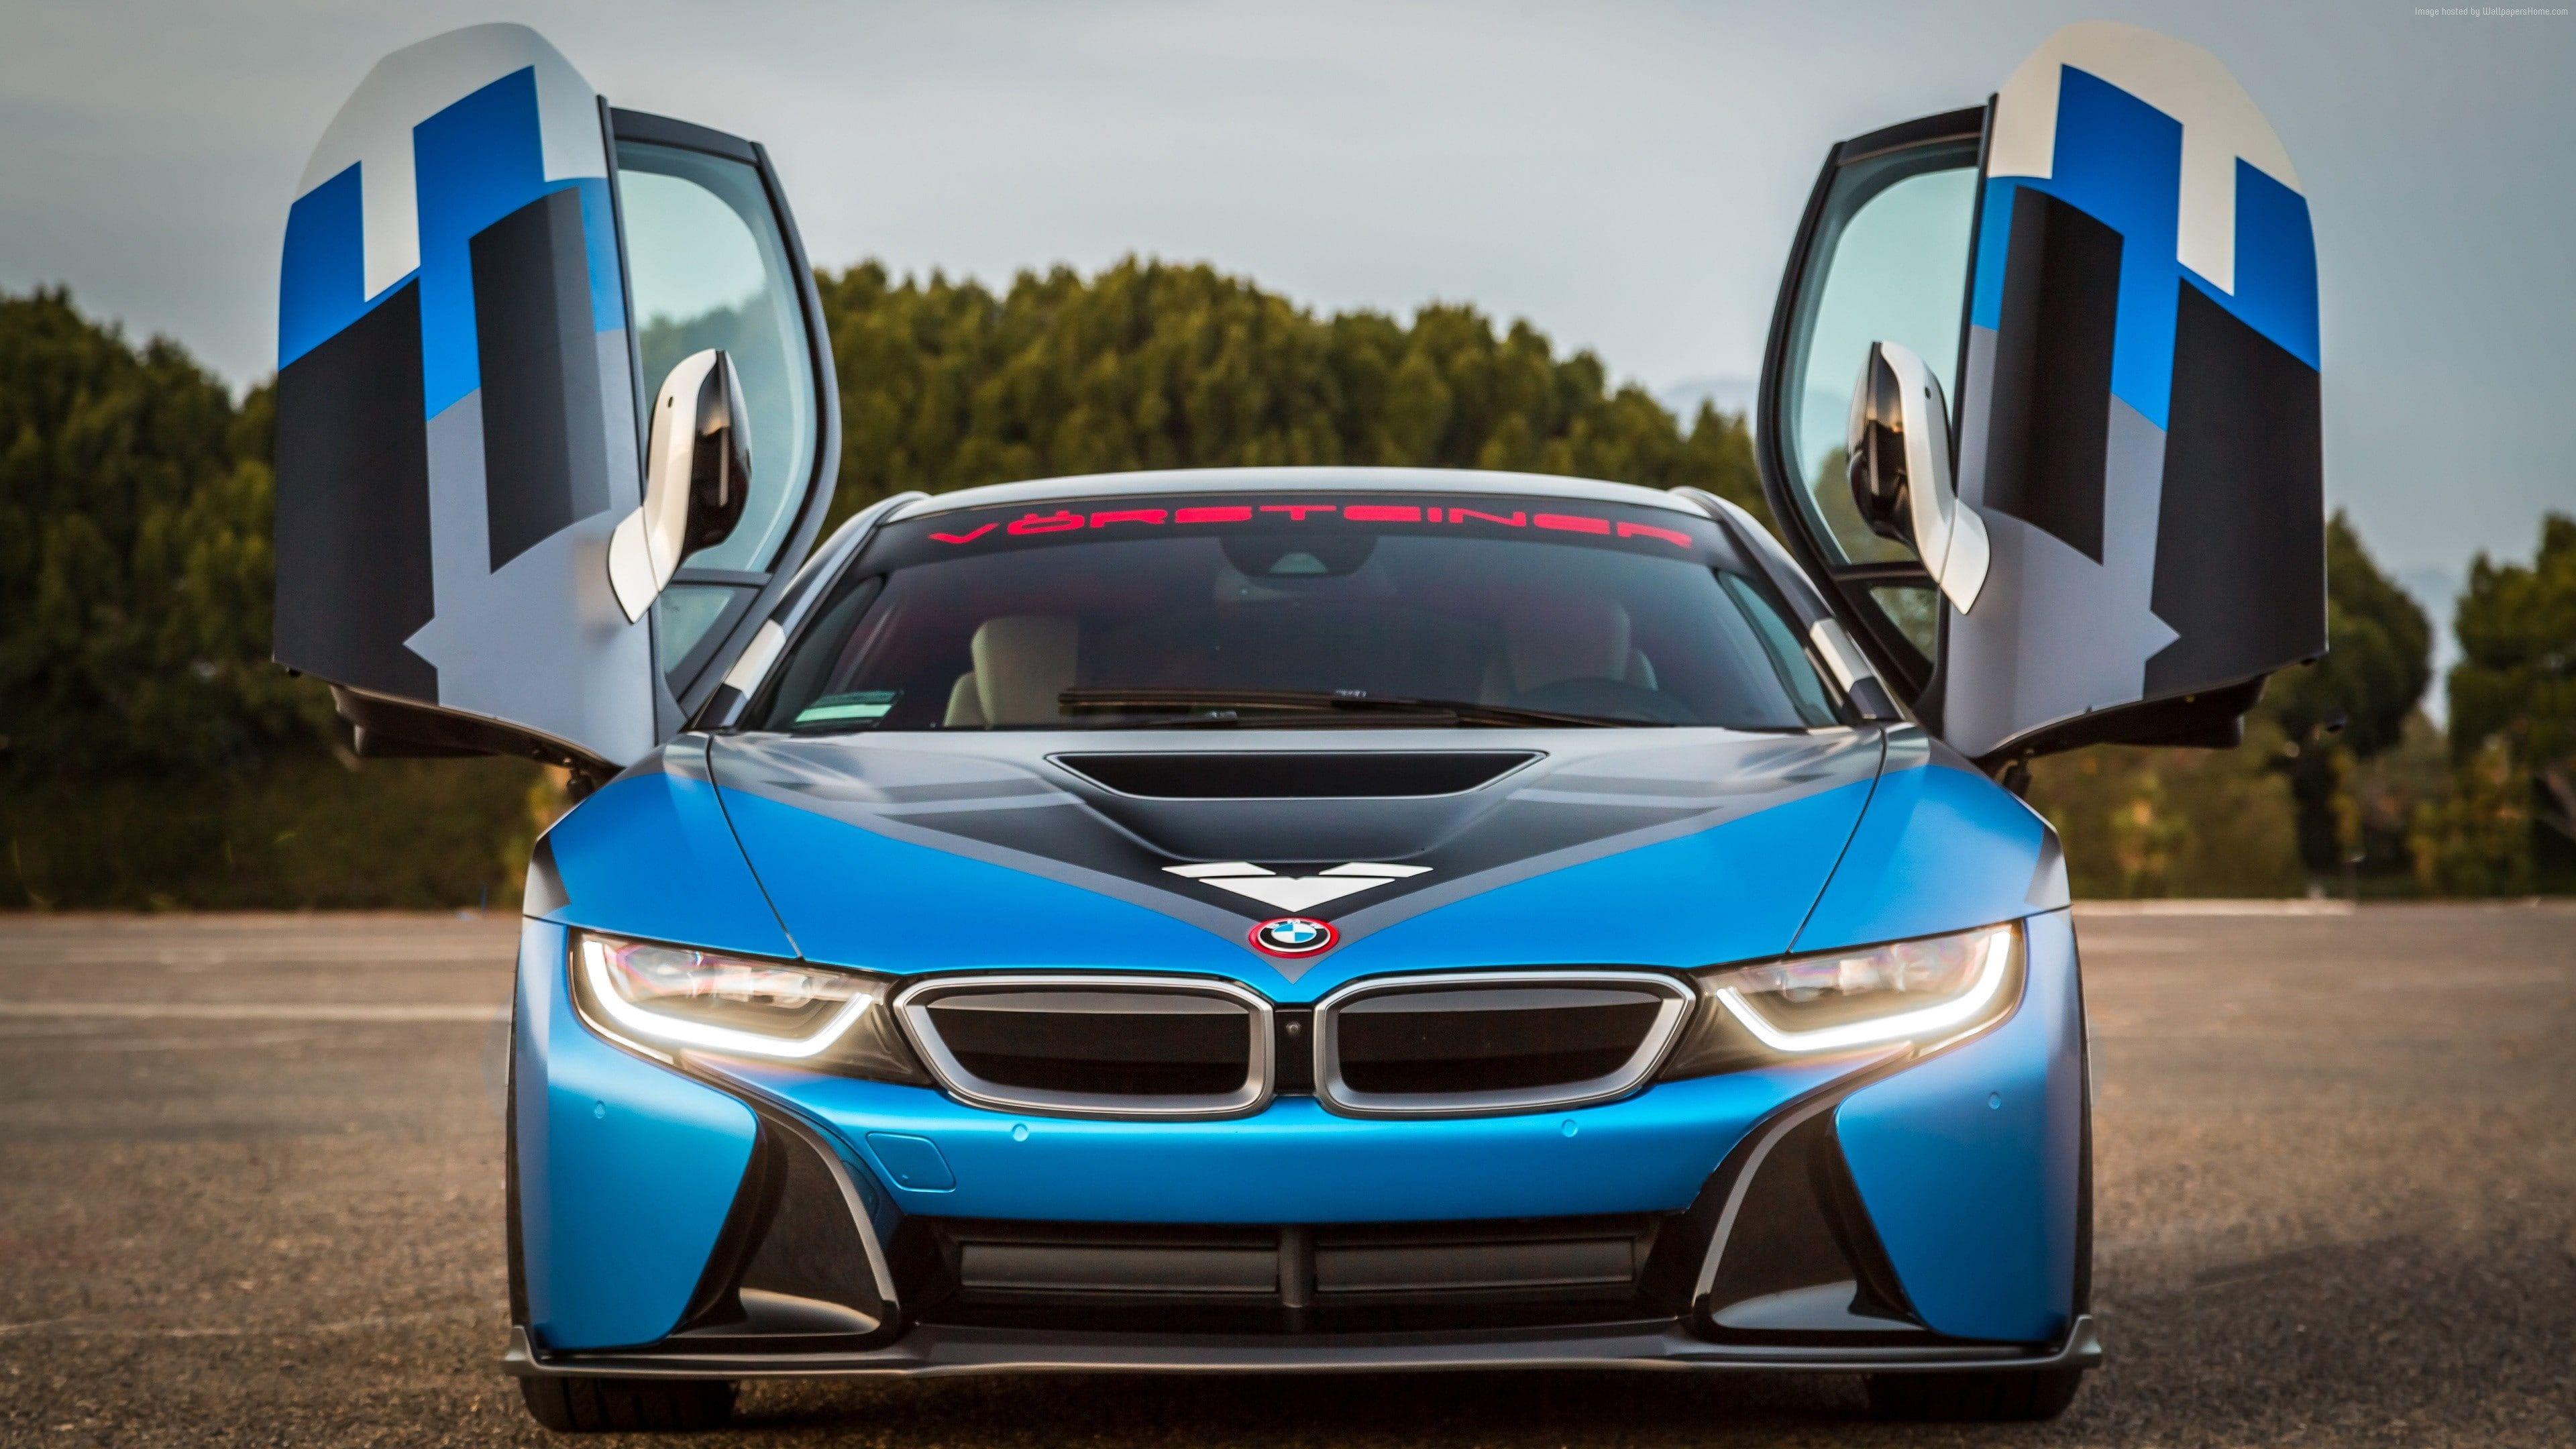 Vorsteiner Vr E Bmw I8 Blue Supercar Sport Cars 4k Wallpaper Hdwallpaper Desktop In 2021 Bmw I8 Bmw Bmw I8 Wallpapers